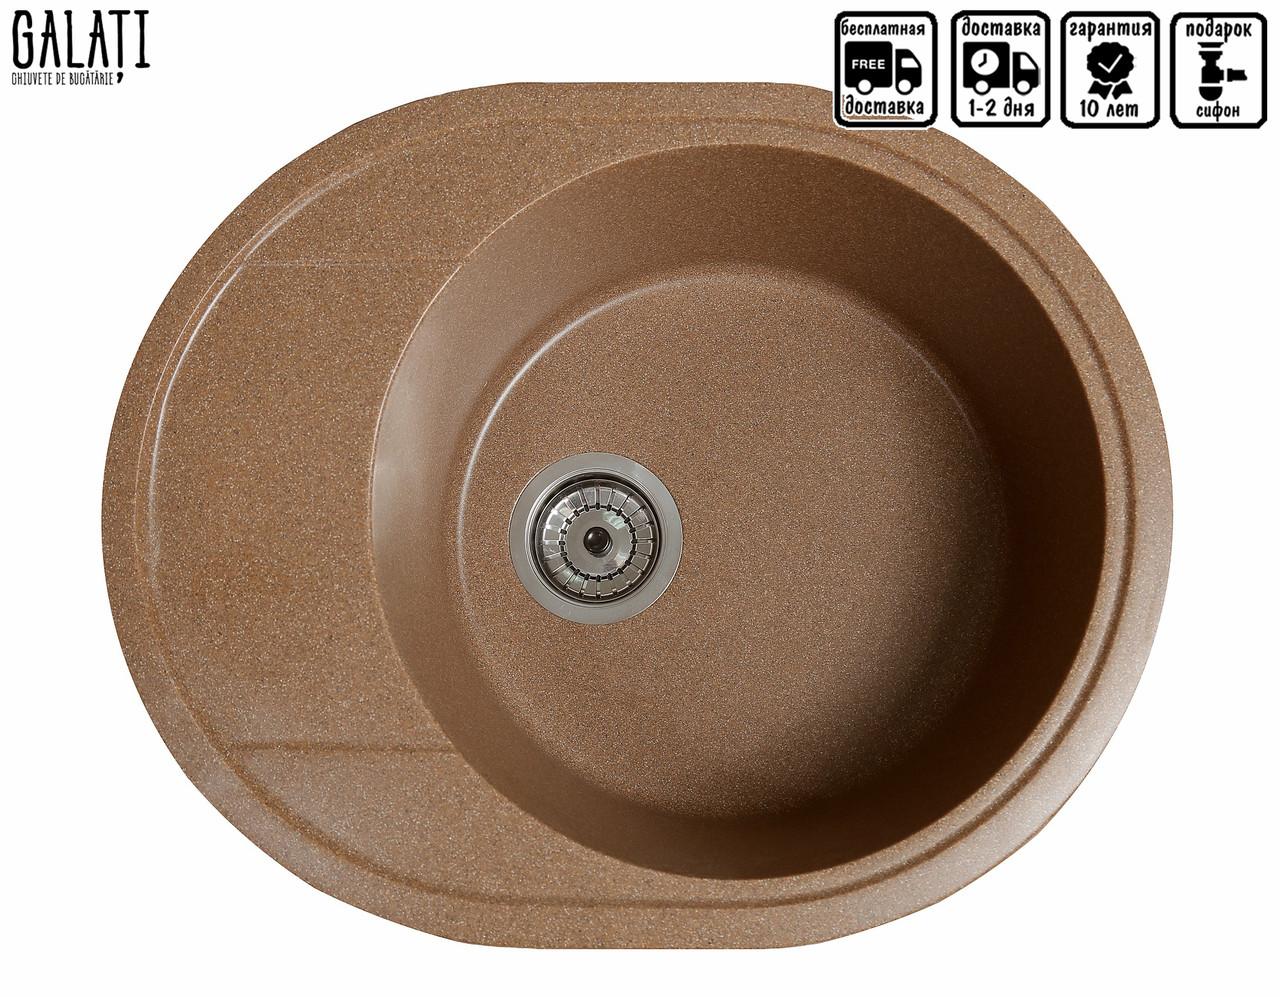 Мойка кухонная коричневая 58*47 см Galati Voce Teracotă (3337)